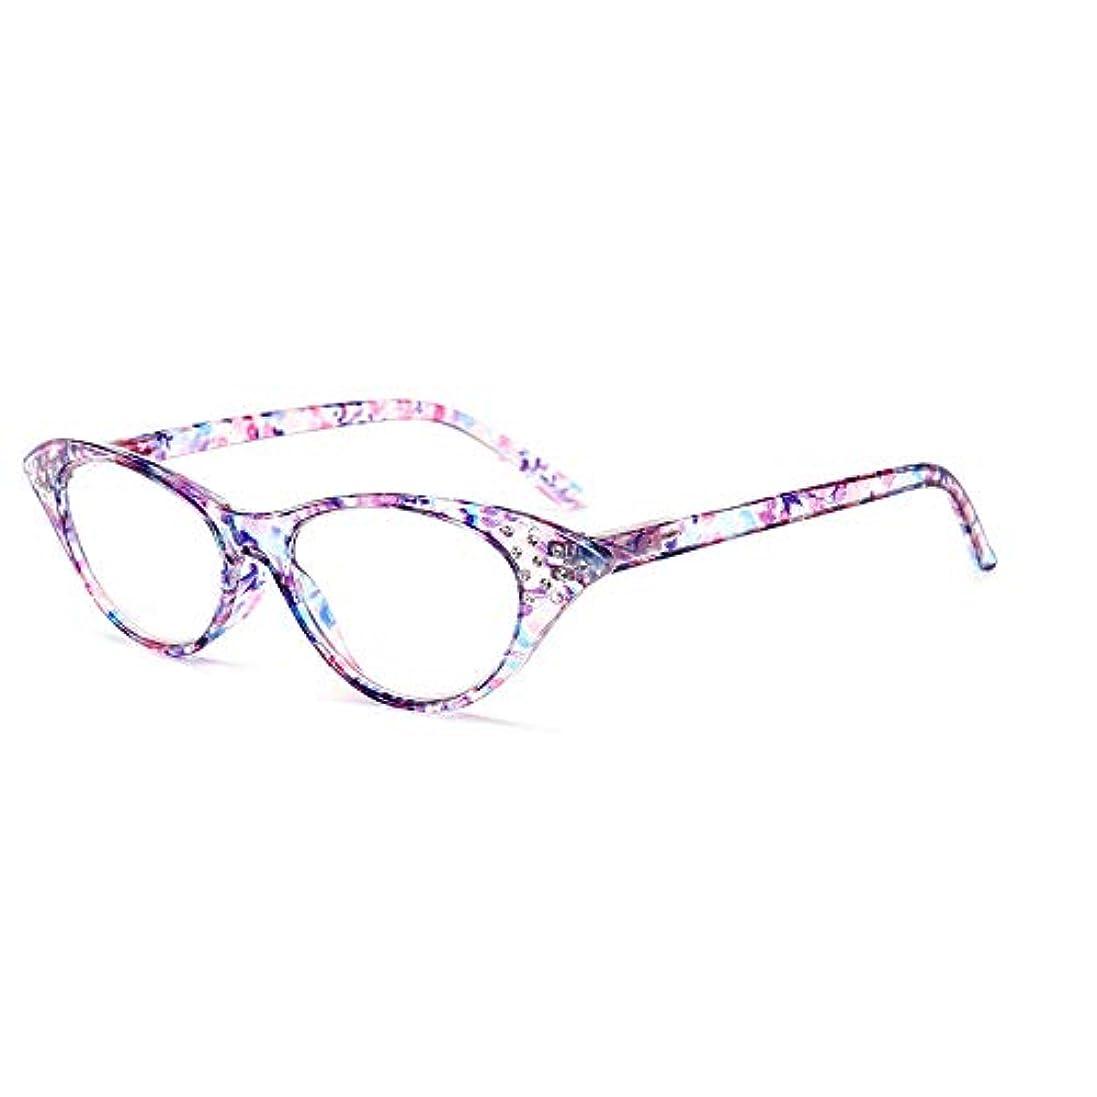 素晴らしい普通の襲撃男性と女性のためのファッション猫メガネフレーム老眼鏡HD疲労防止,紫色,+2.5